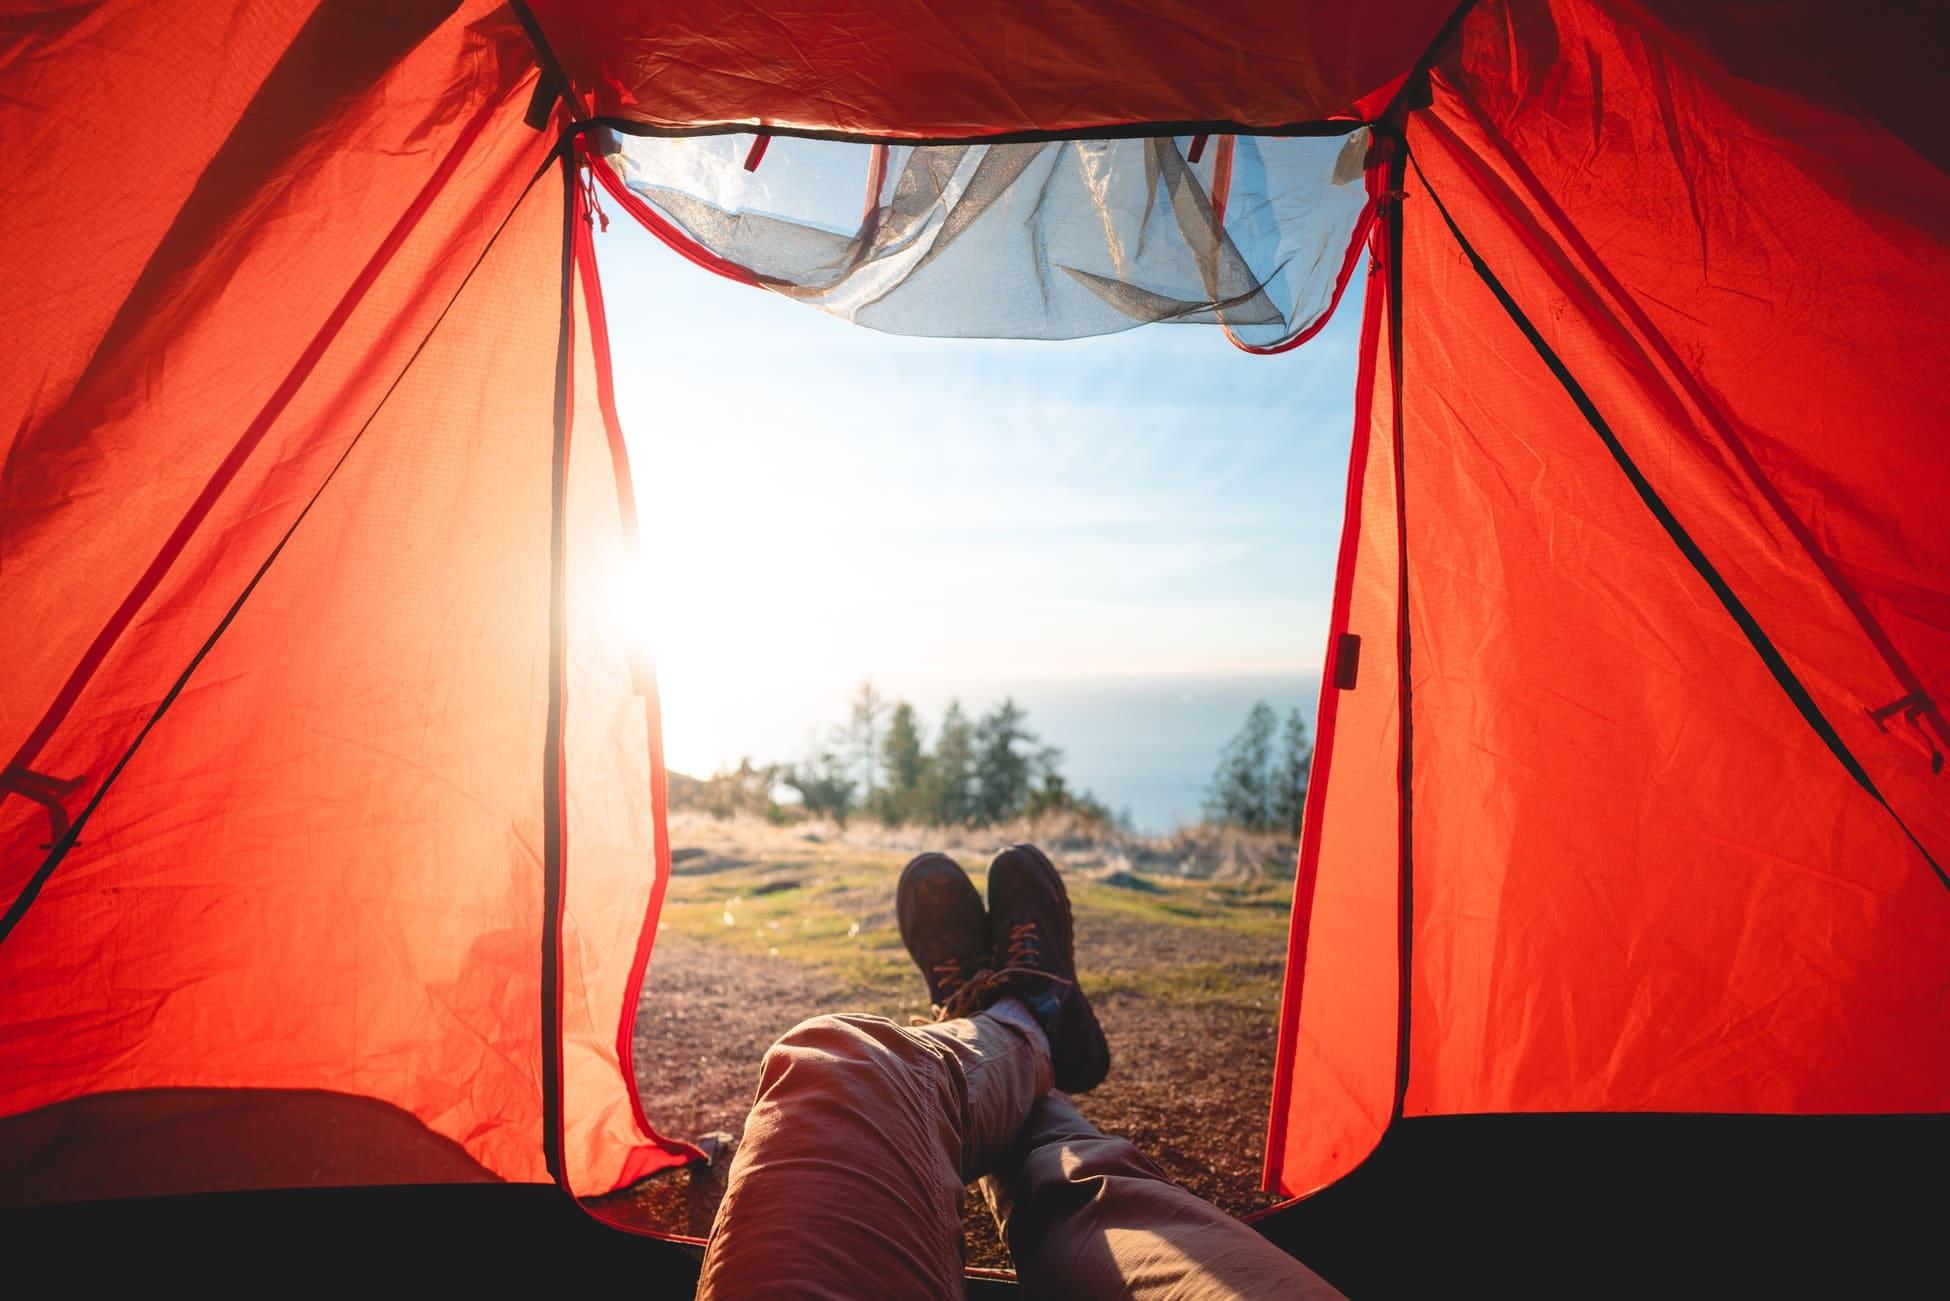 Drôle d'été, les fois où j'ai eu peur de dormir dans une tente